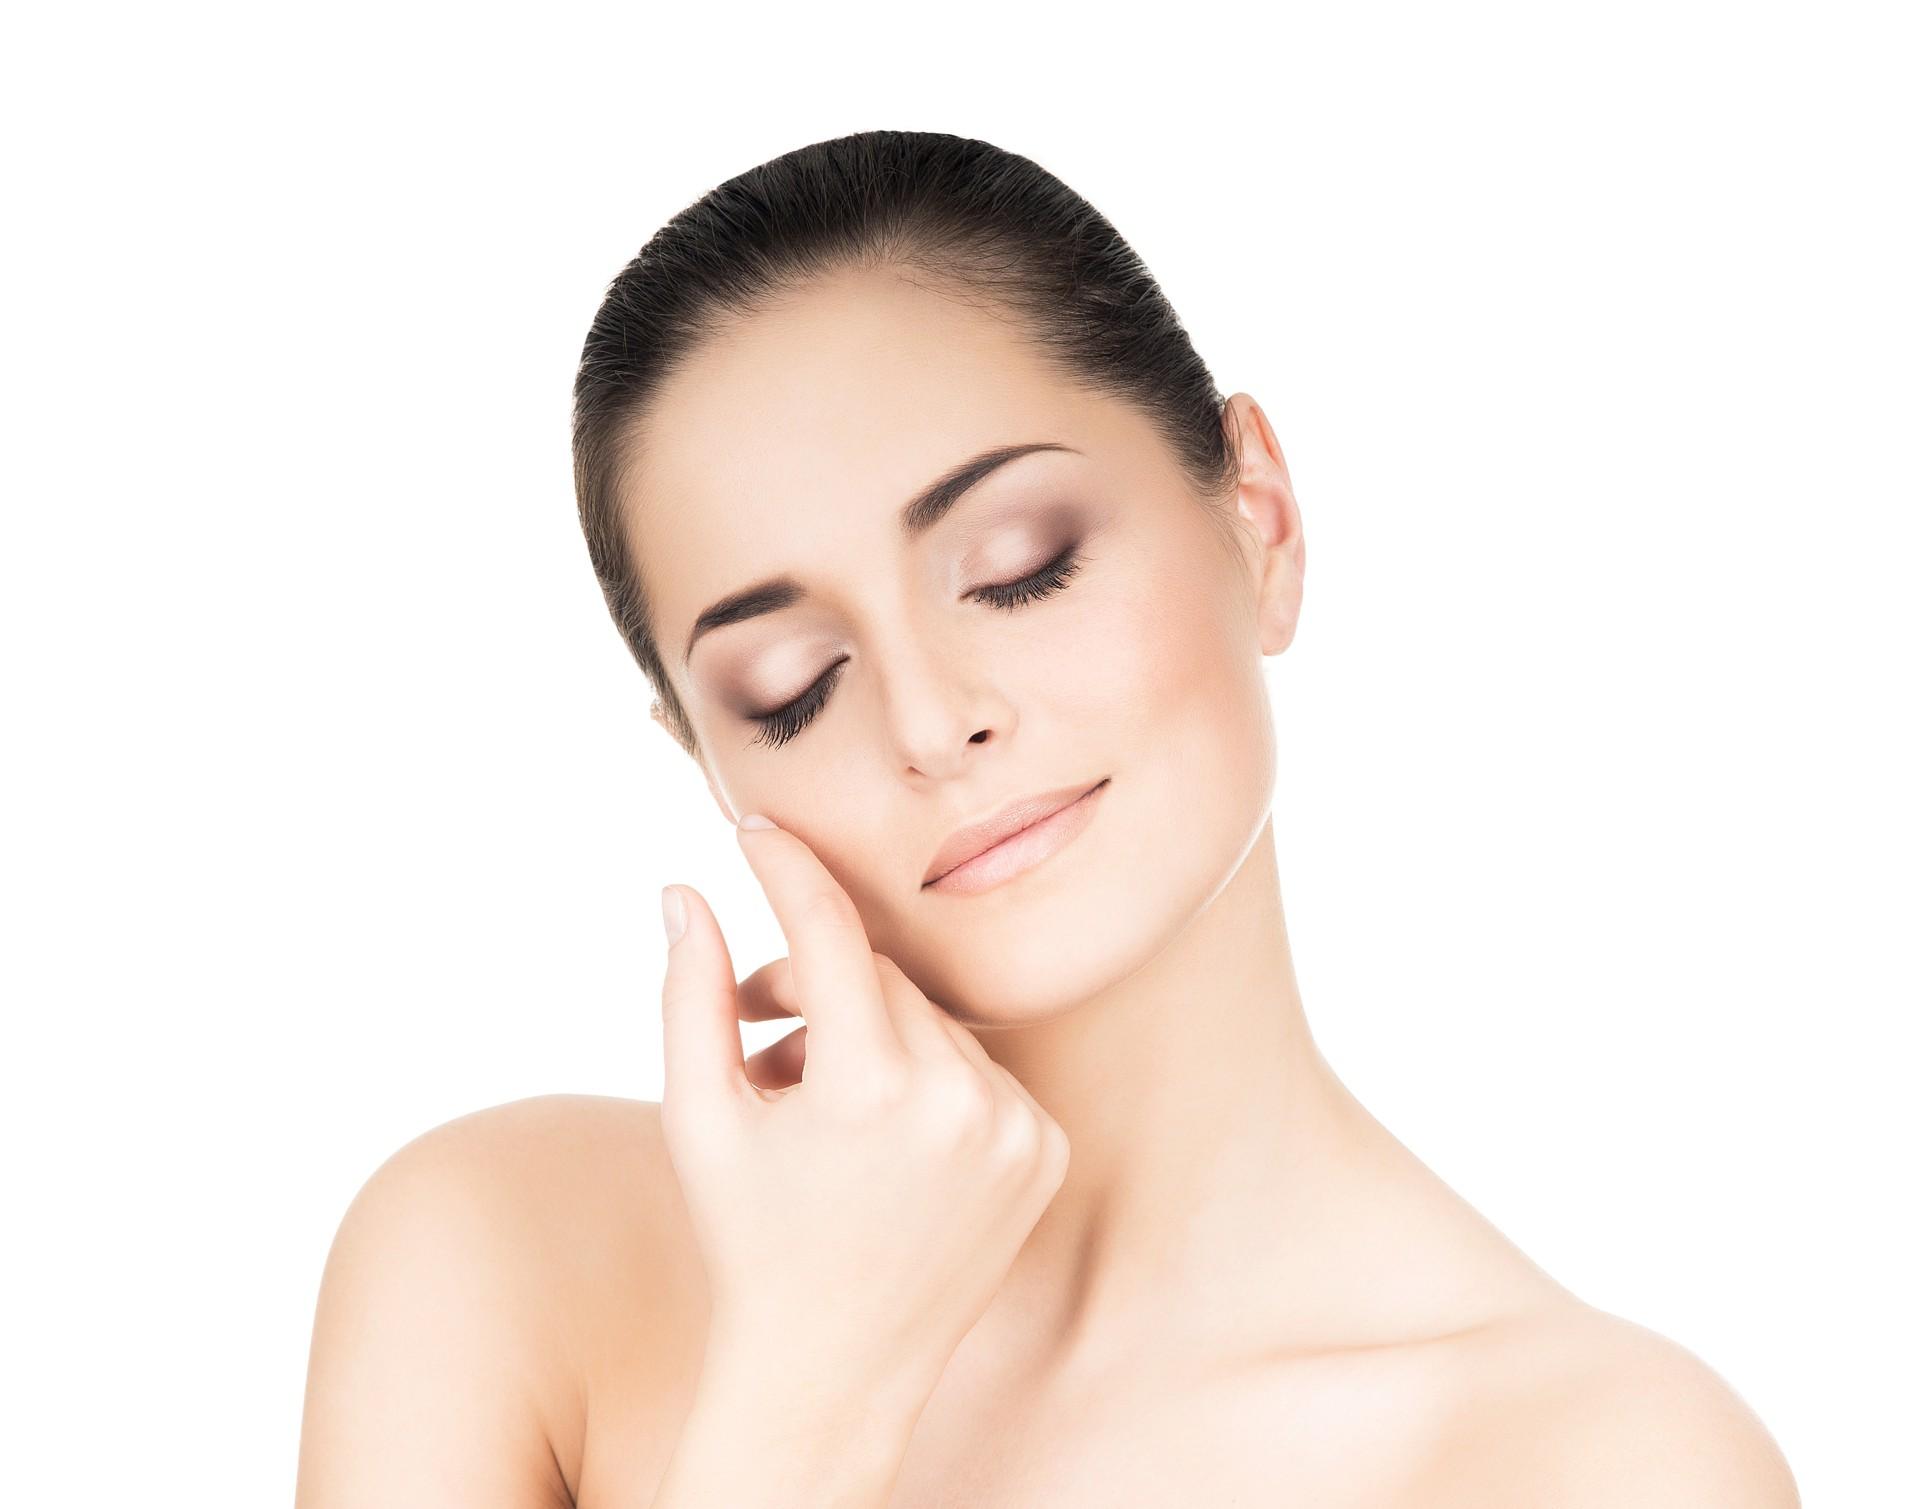 Kobieta gładząca swoją twarz